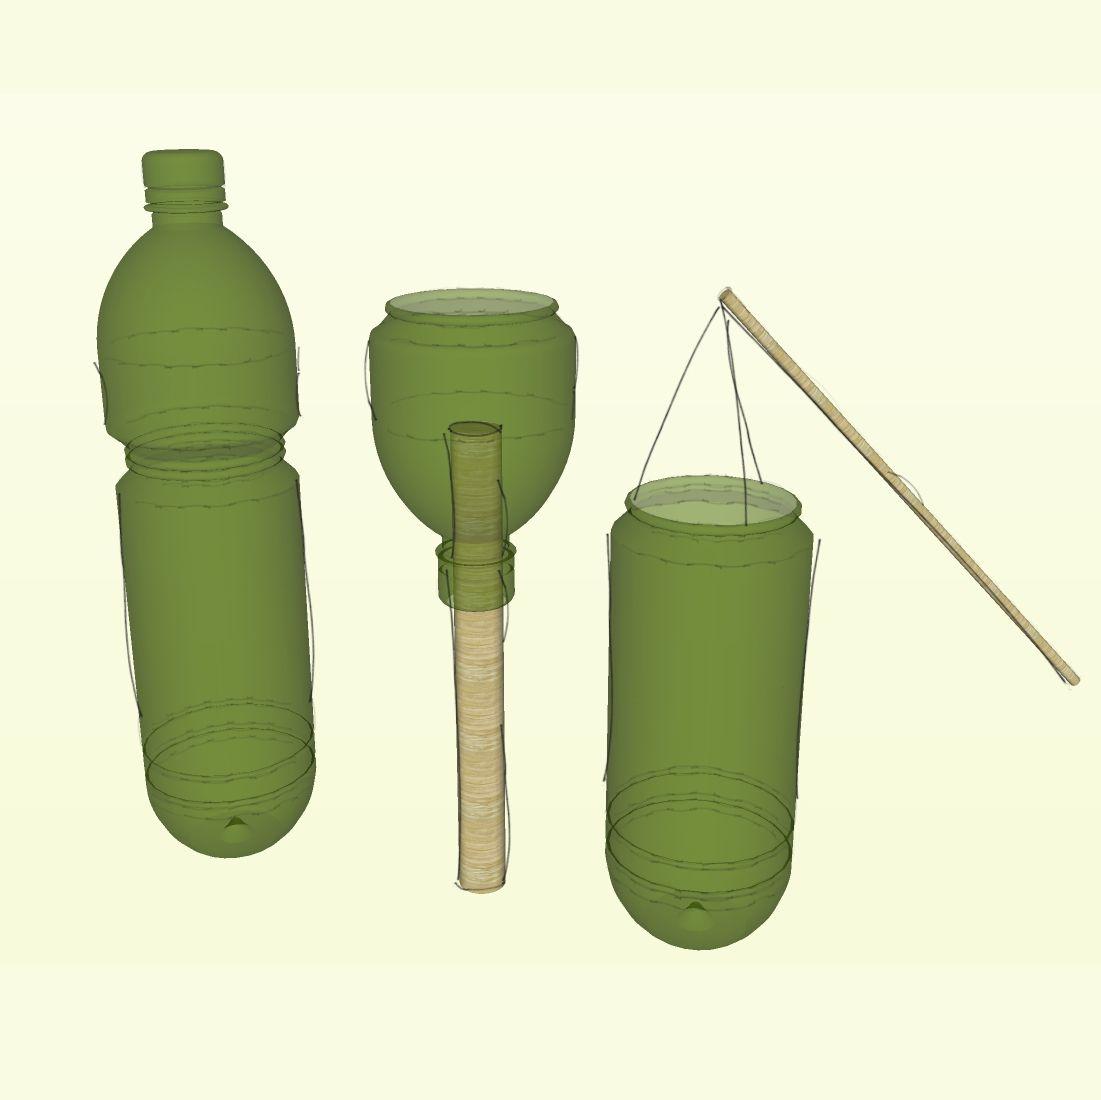 bastelanleitung f r laterne aus pet flasche eine martinslaterne aus einer pet flasche und